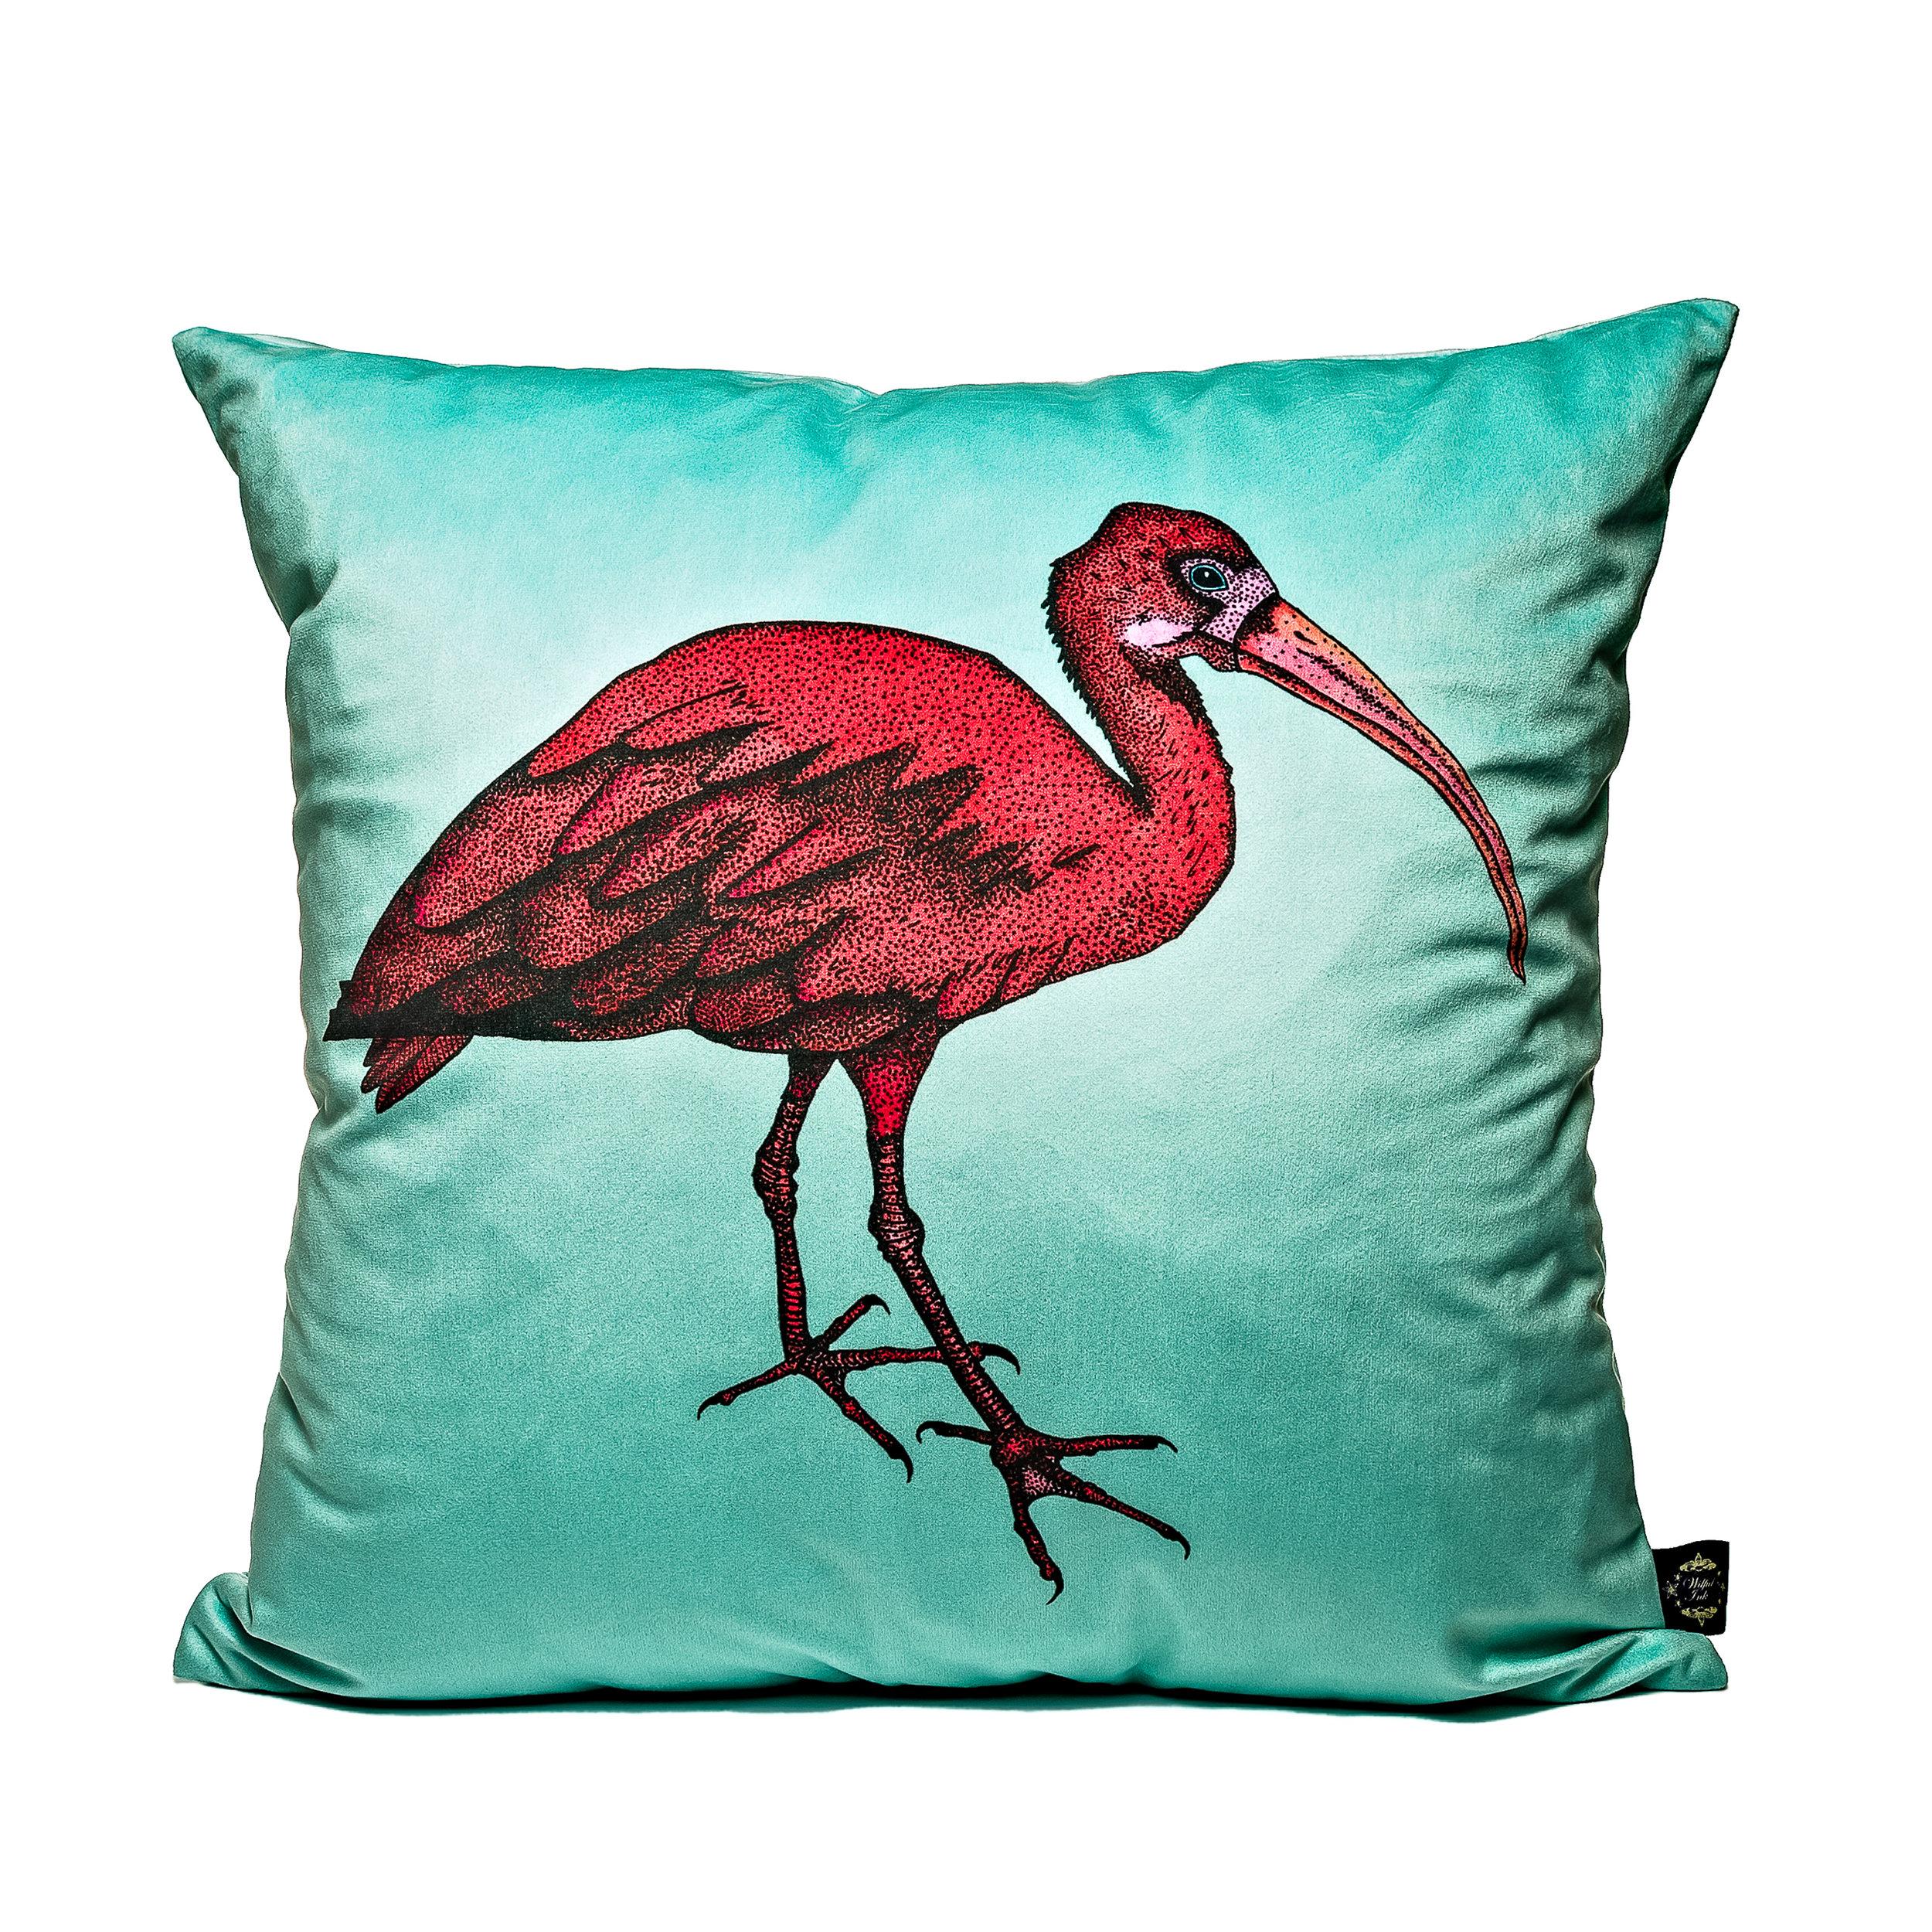 scarlet-ibis-velvet-cushion.jpg